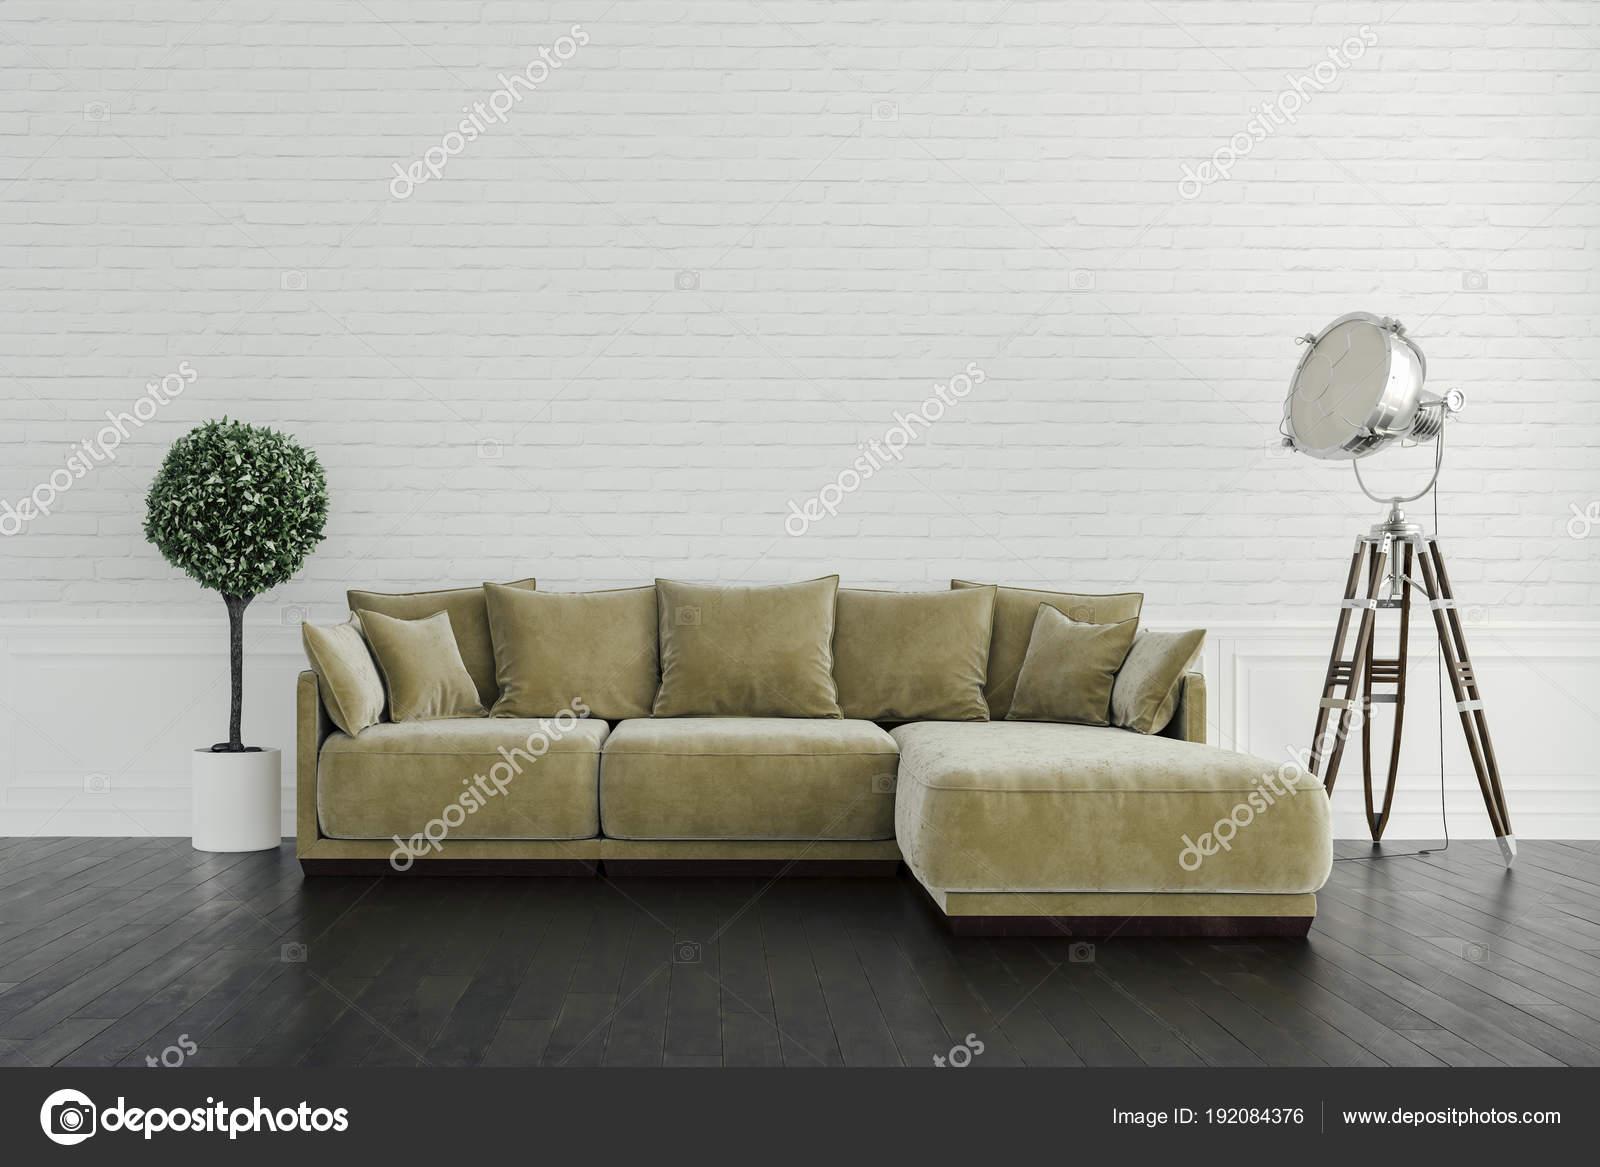 Geräumig Schöne Einrichtung Beste Wahl 3d Render Schöne Innere Mit Sofa Und